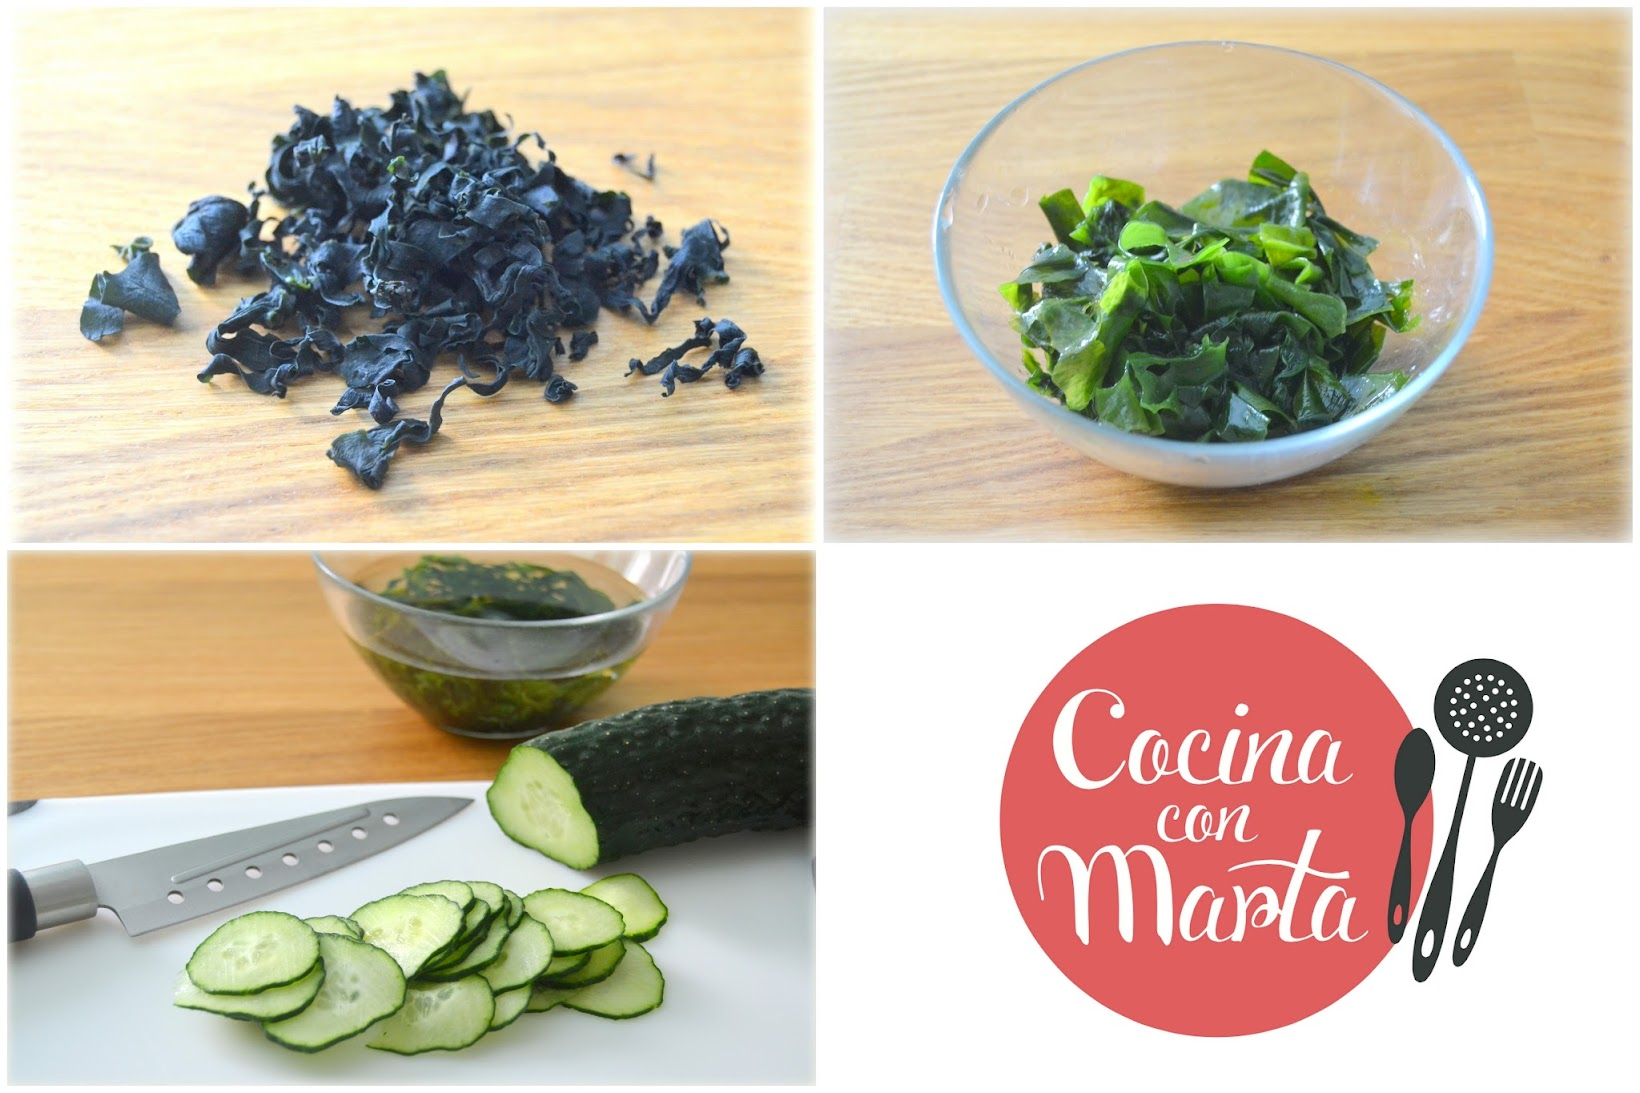 Ensalada Casera de pepino y algas wakame, receta japonesa. Fácil, sana, rápida. Cocina con Marta